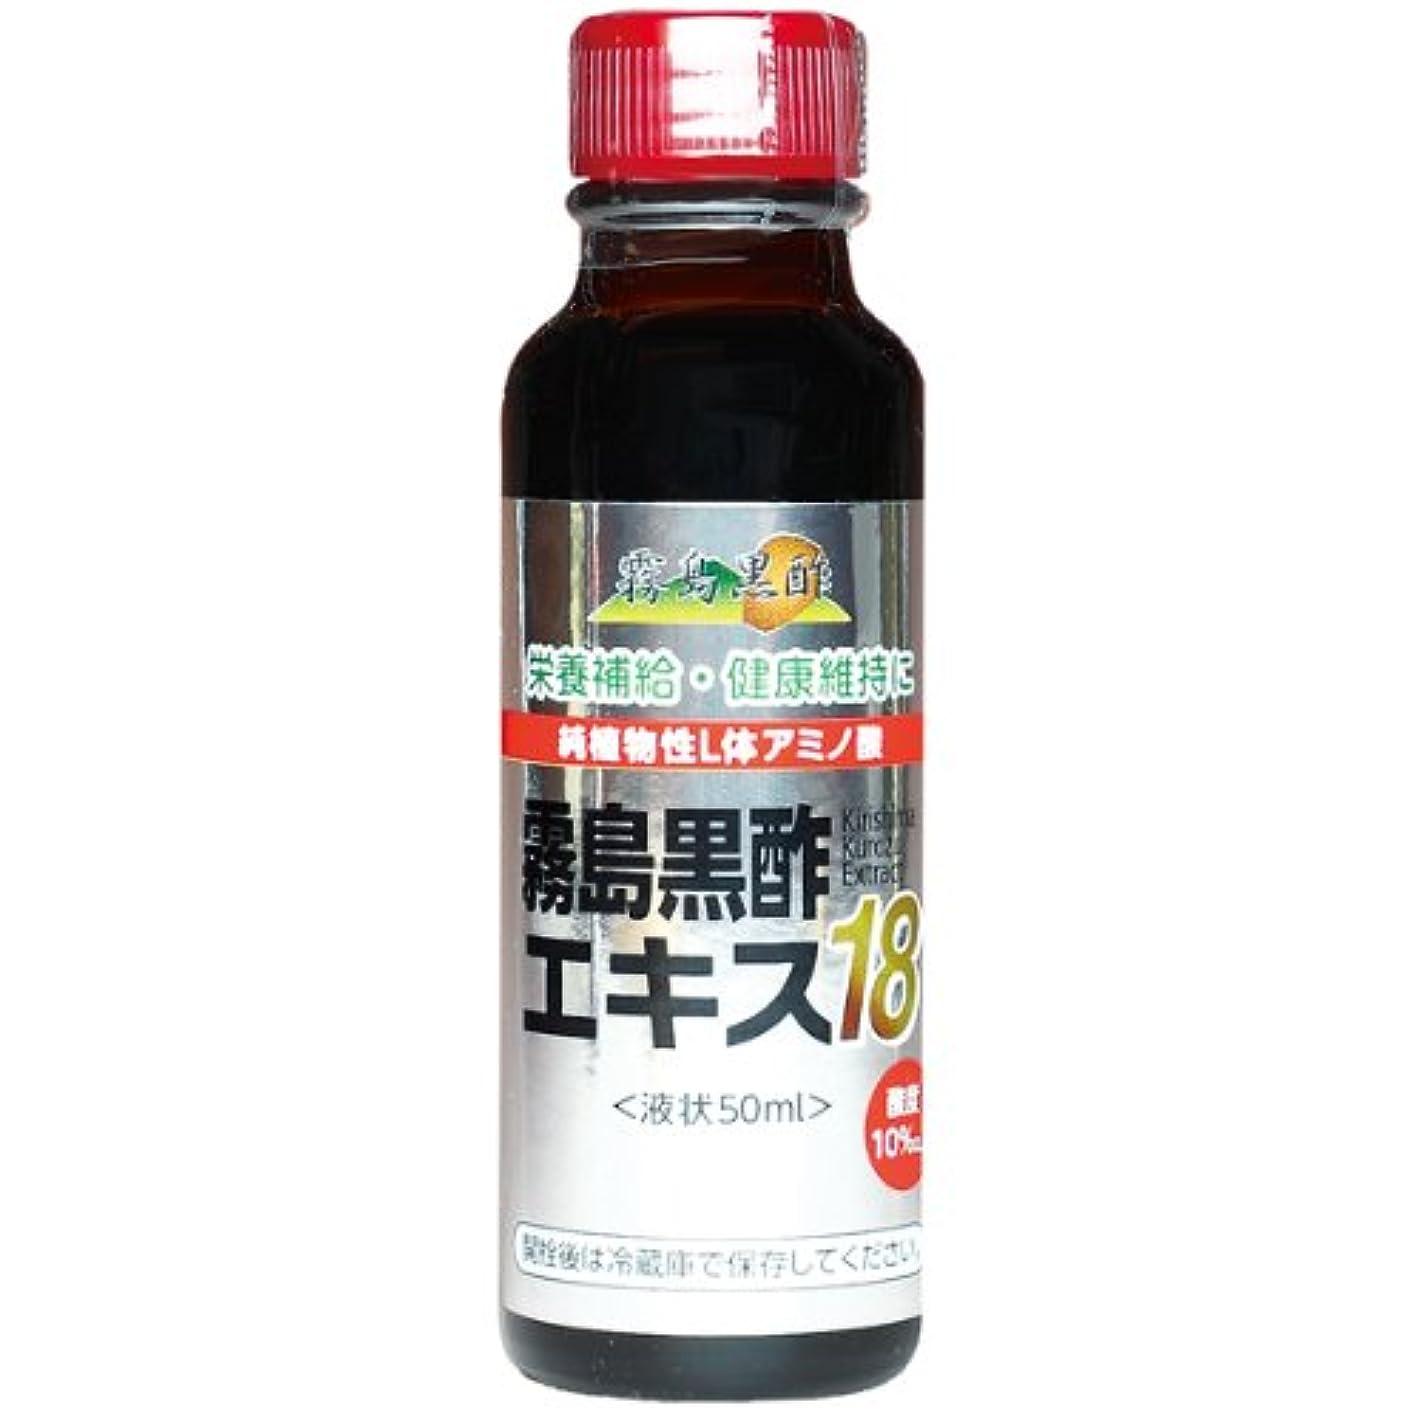 さておきボリュームレンディション霧島黒酢 エキス18 50ml